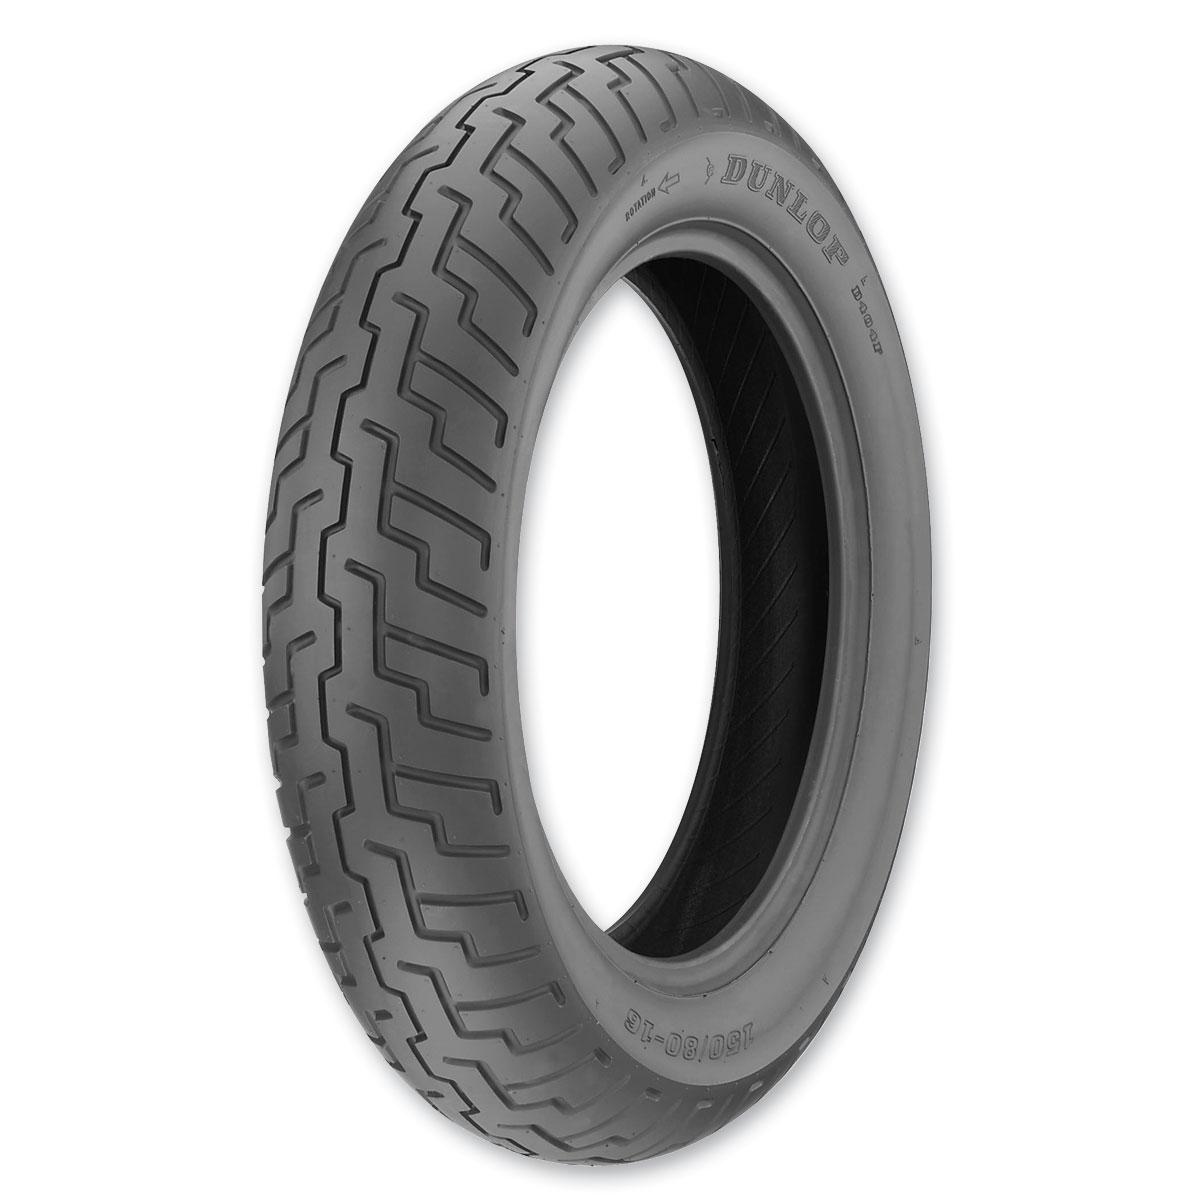 dunlop d404 130 90 16 front tire 217 280 j p cycles